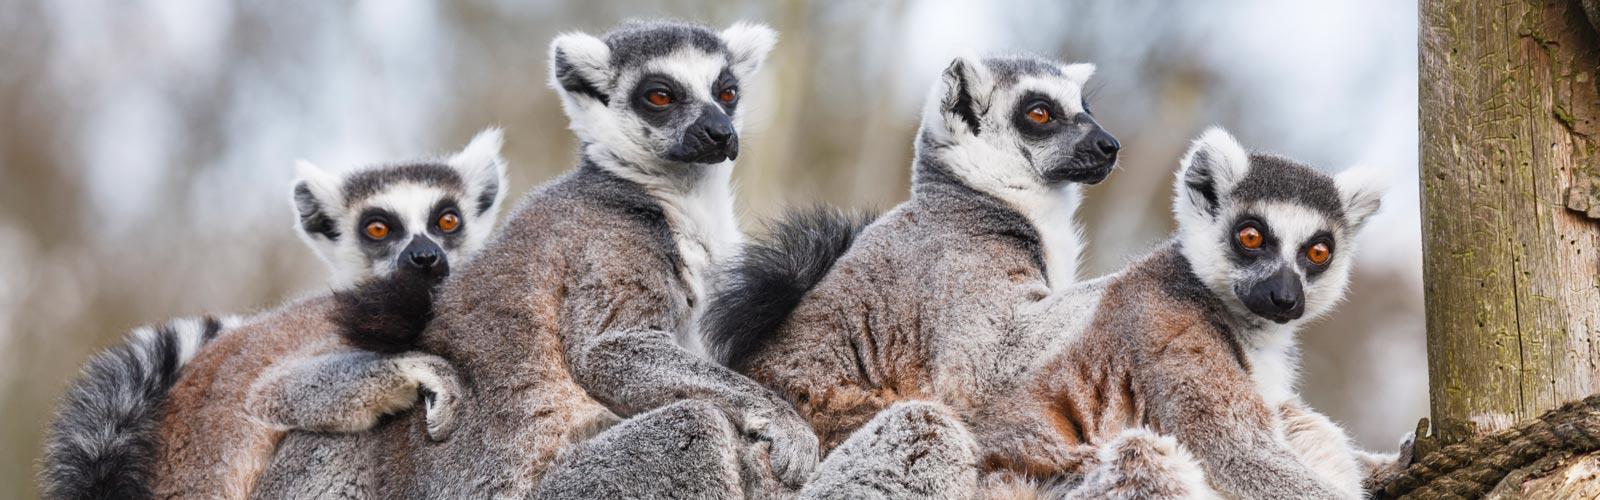 Viaje a Madagascar. 4 Ago.